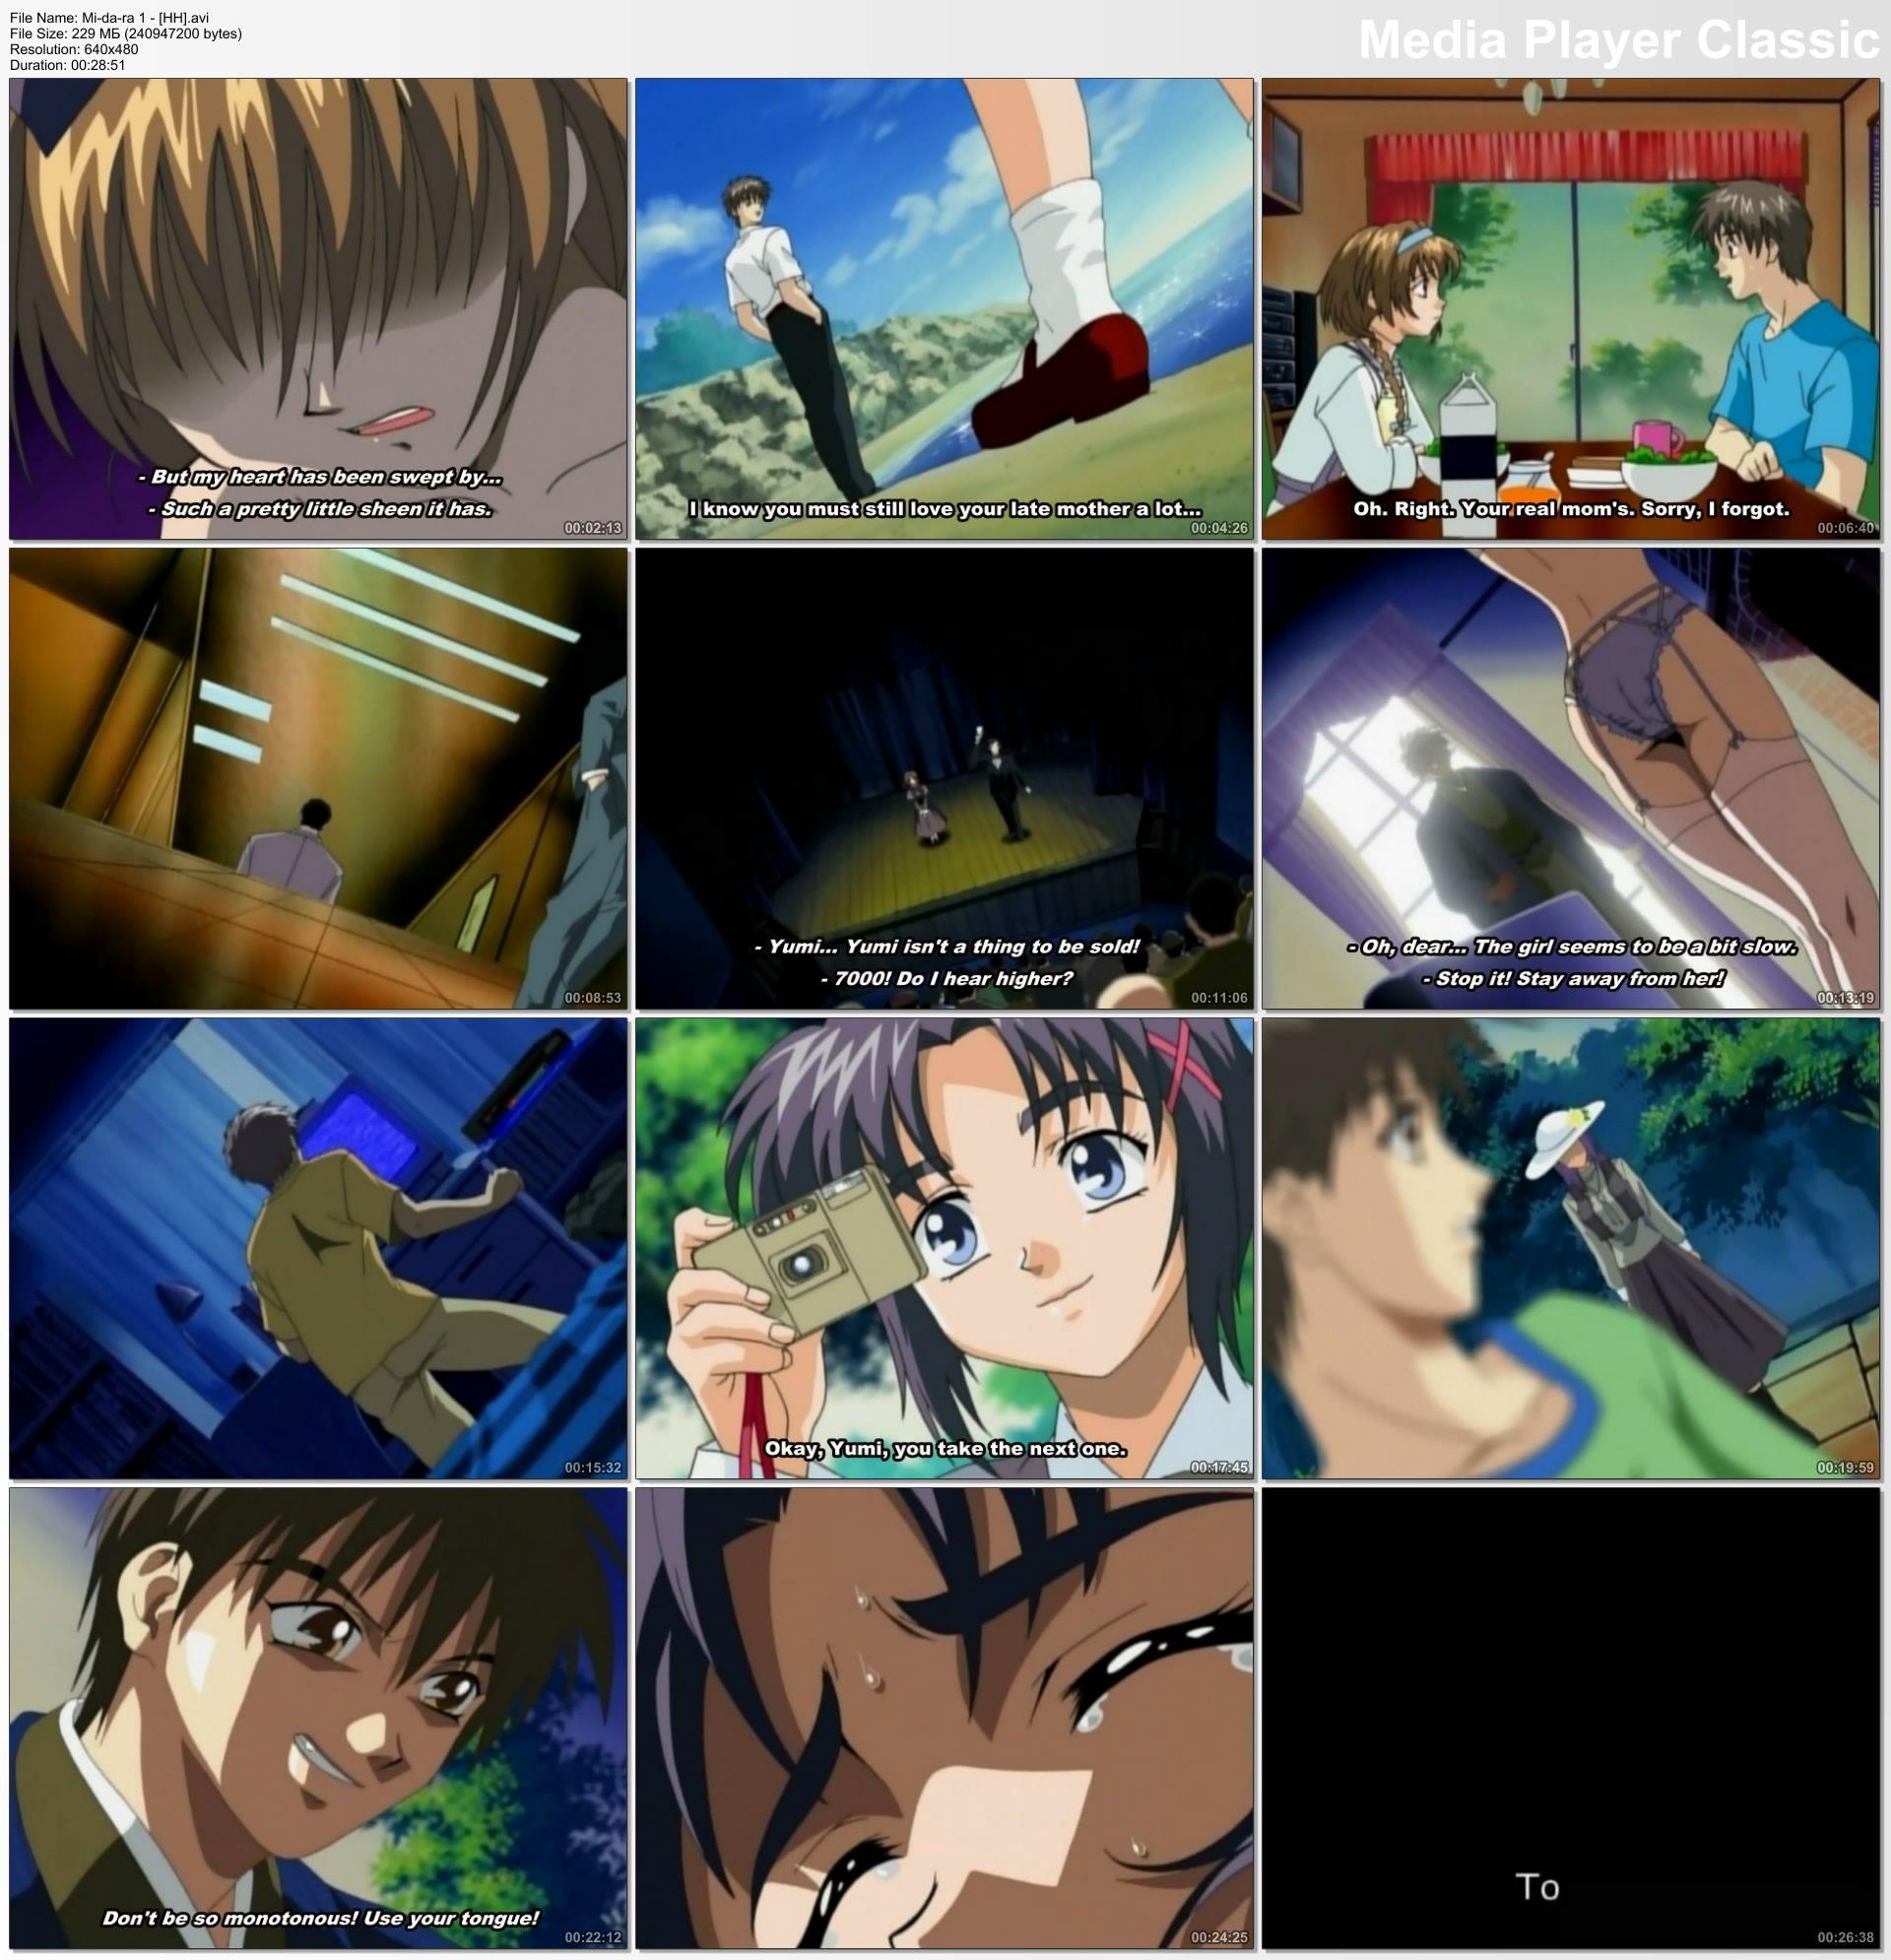 Mi-da-ra / Secret Desires / Ми-да-ра / Тайные желания [3 из 3] [JAP,ENG] Anime Hentai